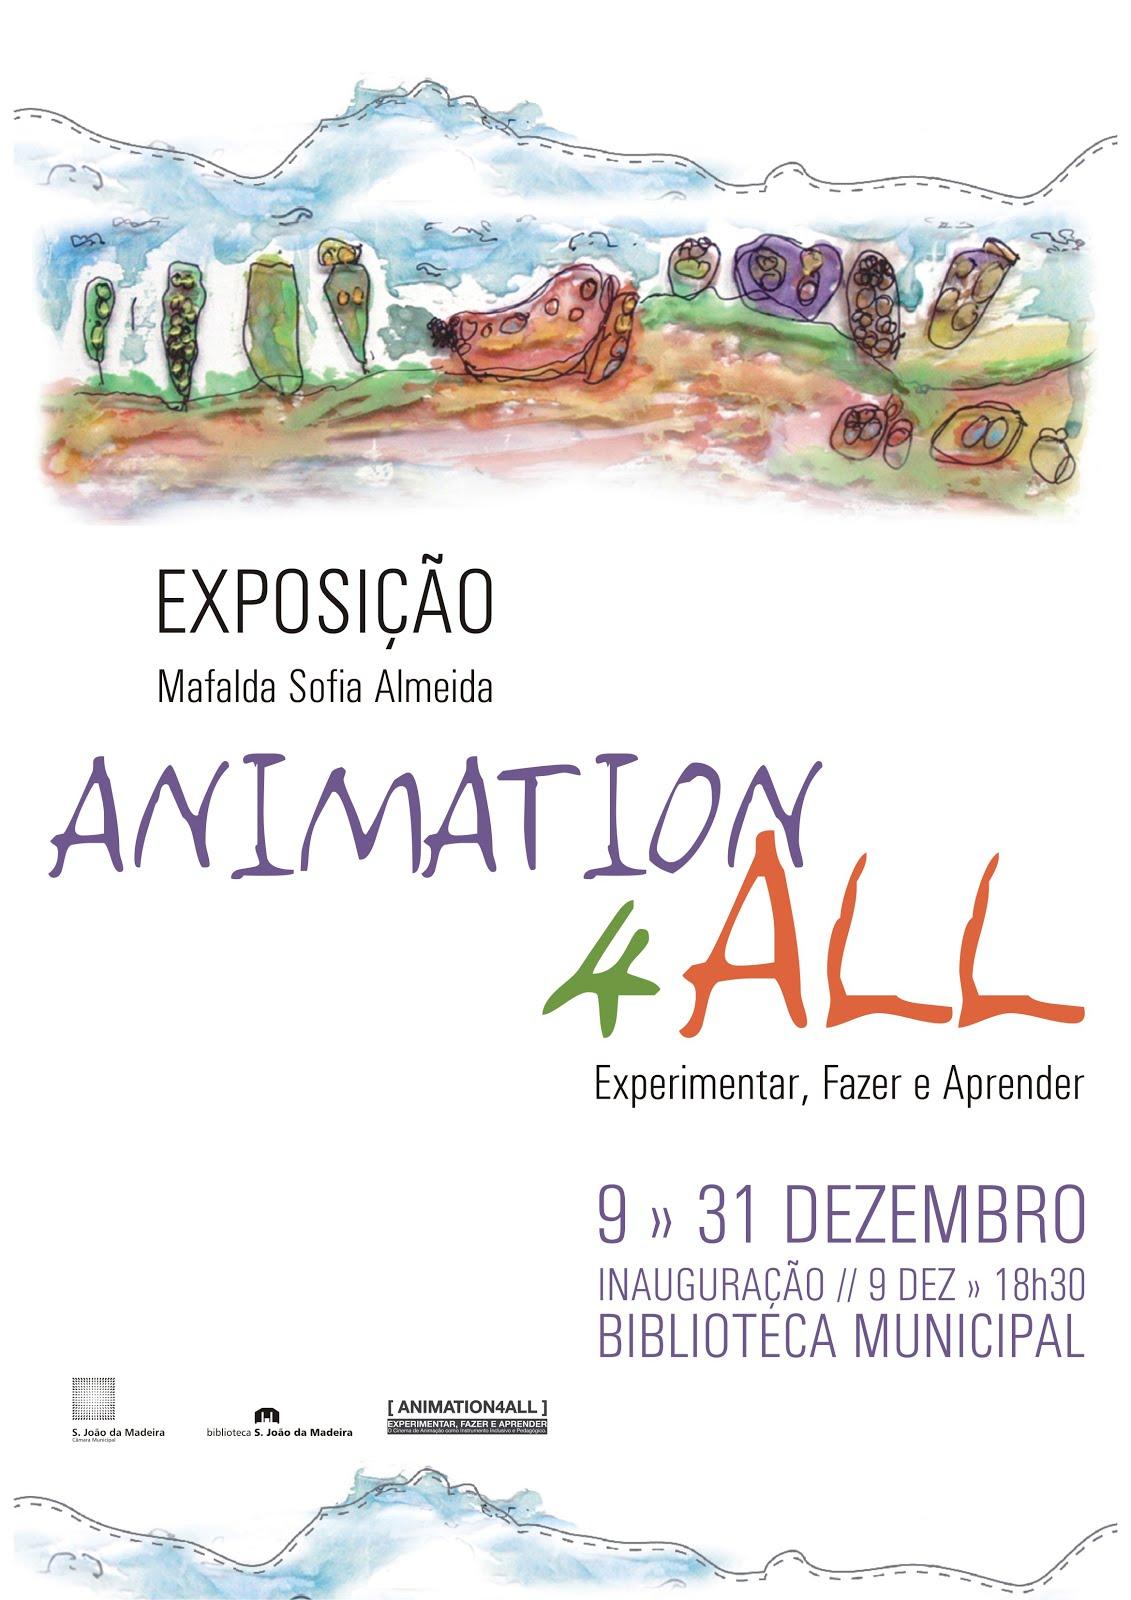 """Inauguração da Exposição """"ANIMATION4ALL_Experimentar, Fazer e Aprender"""" de Mafalda Sofia Almeida"""